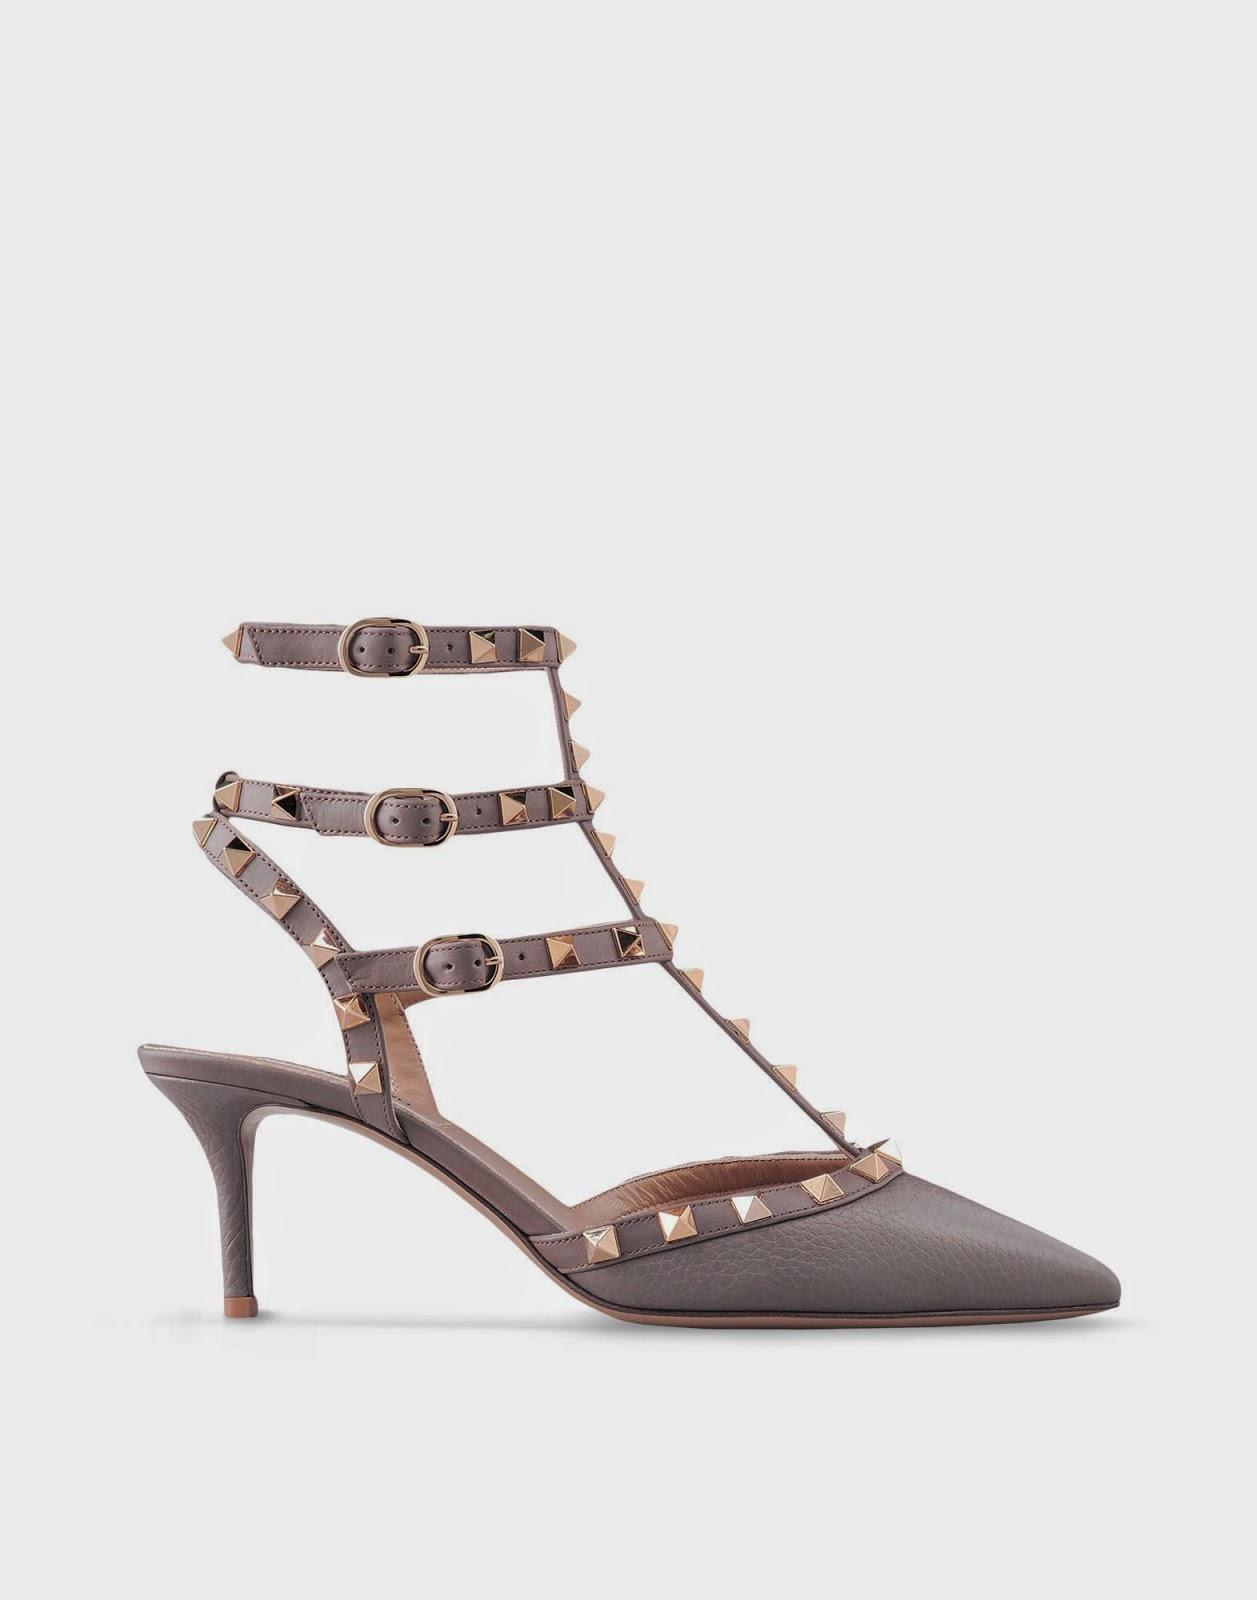 Rockstud-Valentino-ElblogdePatricia-shoes-calzado-zapatos-scarpe-calzature